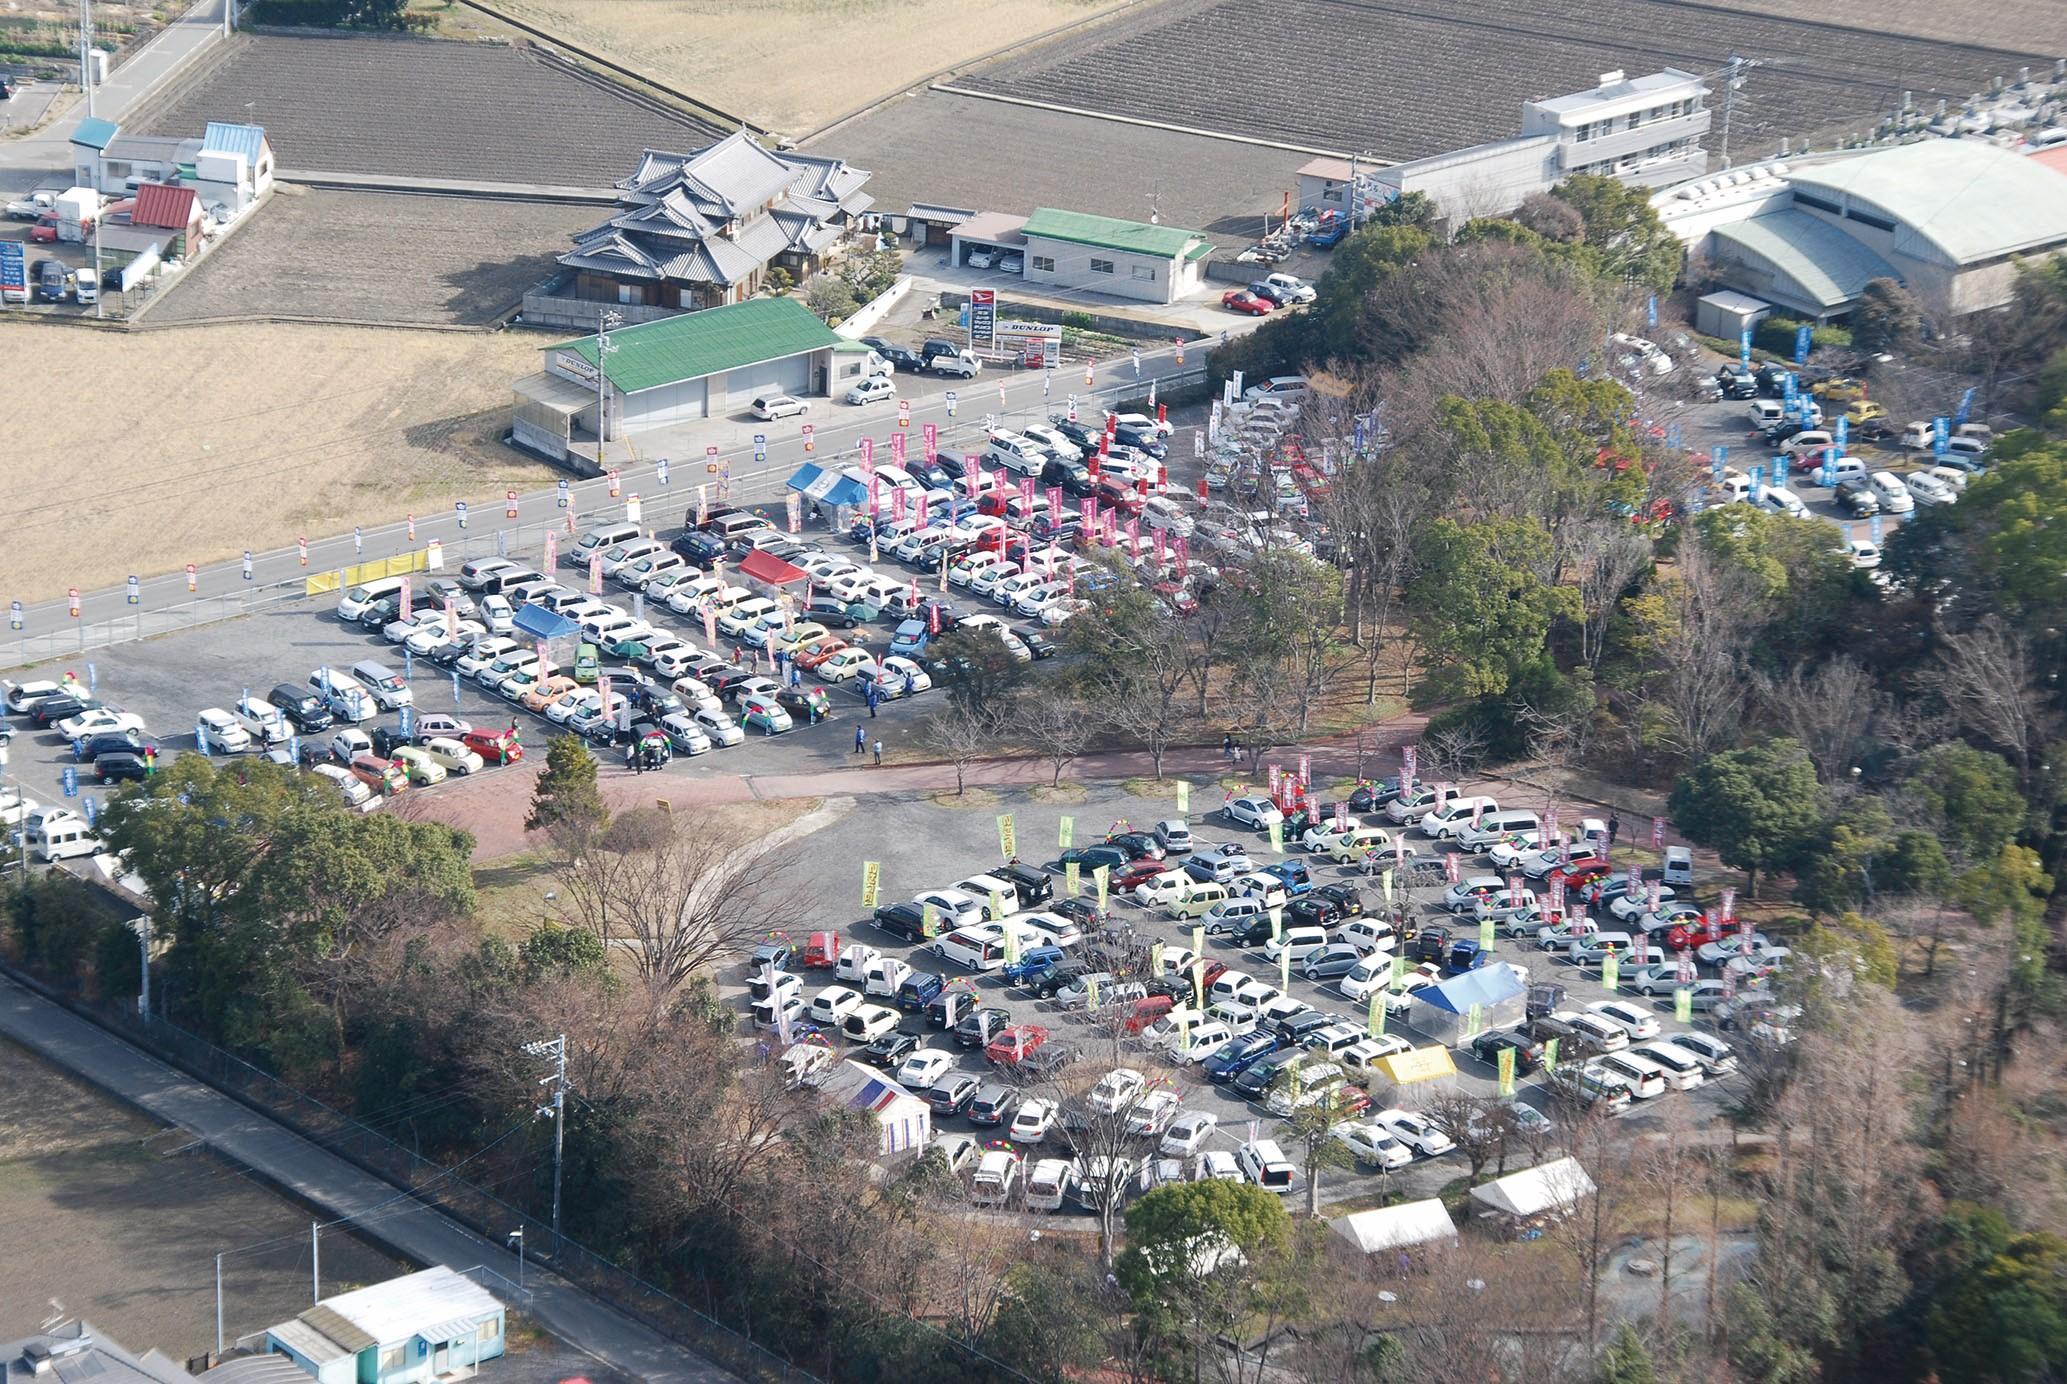 中止のお知らせ:南海放送サンパーク大大大中古車お買い得フェア